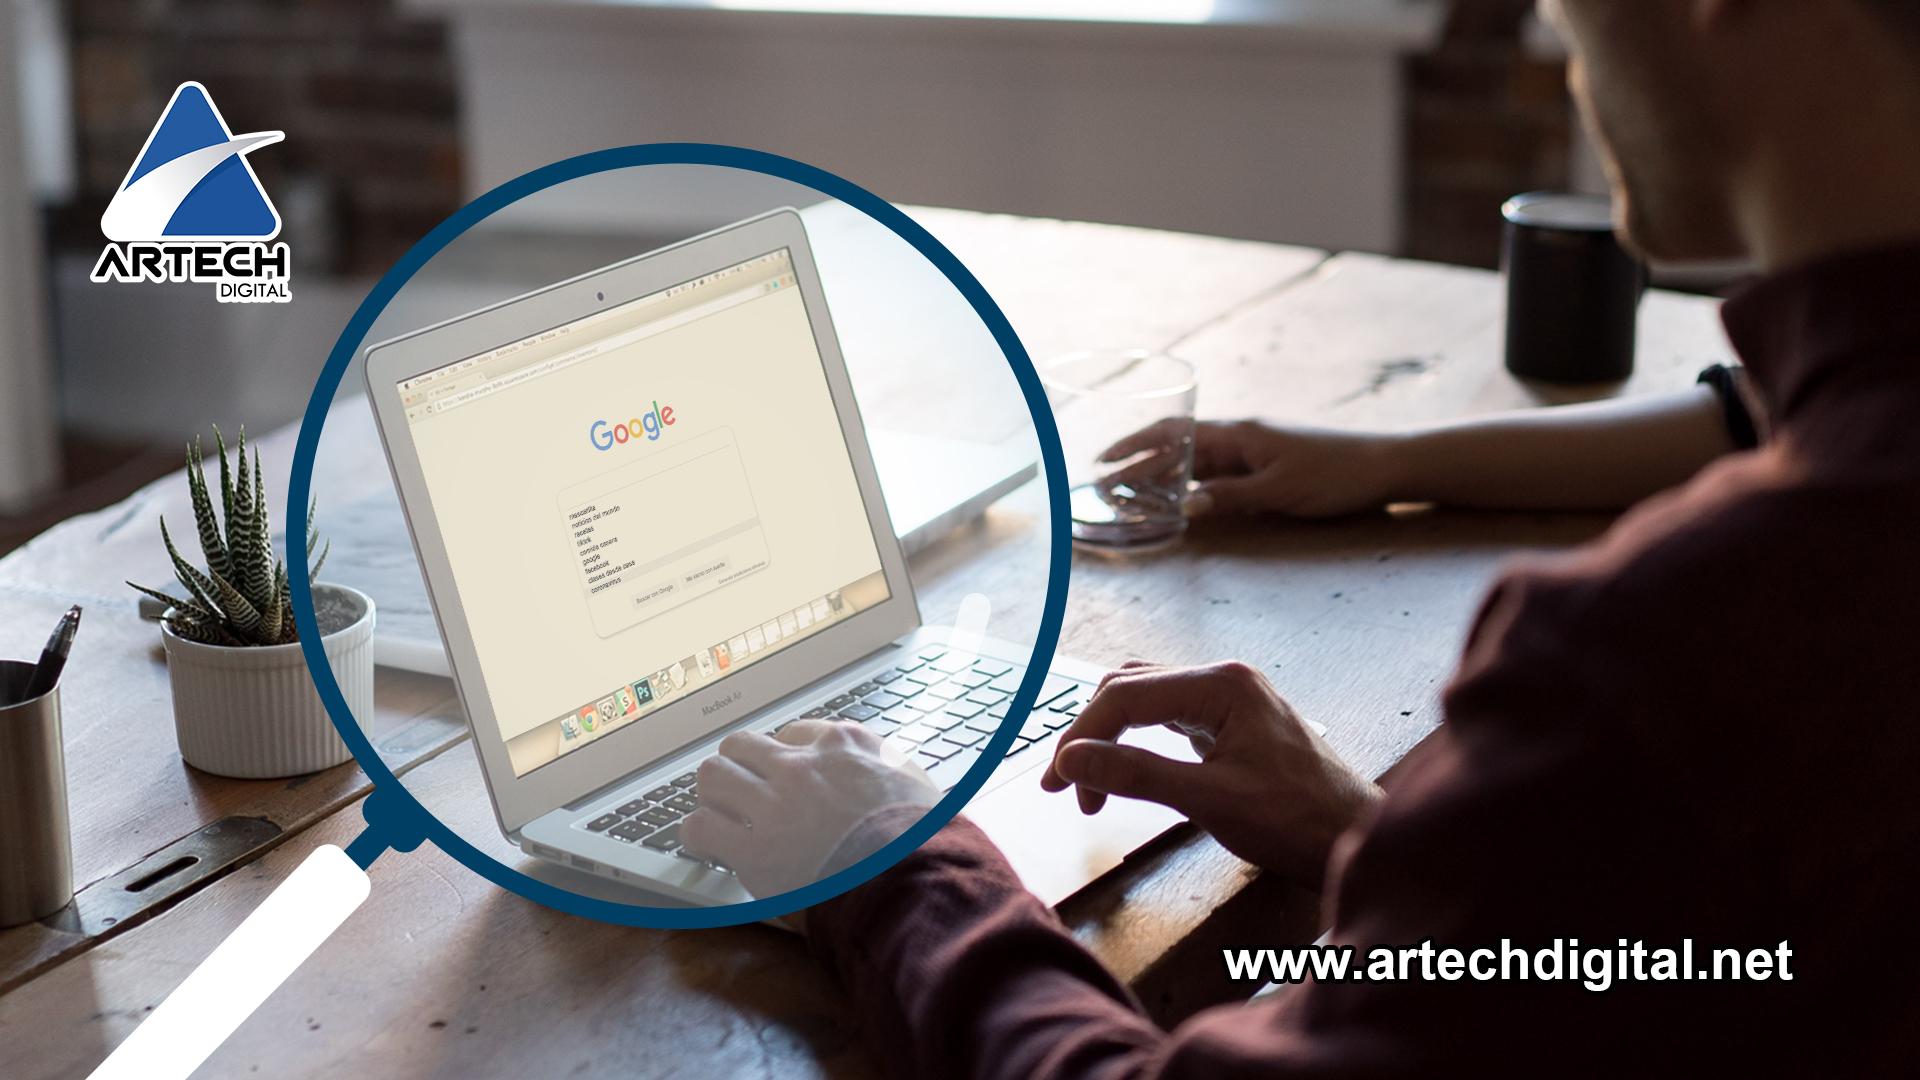 Términos más buscados en Google - Artech Digital